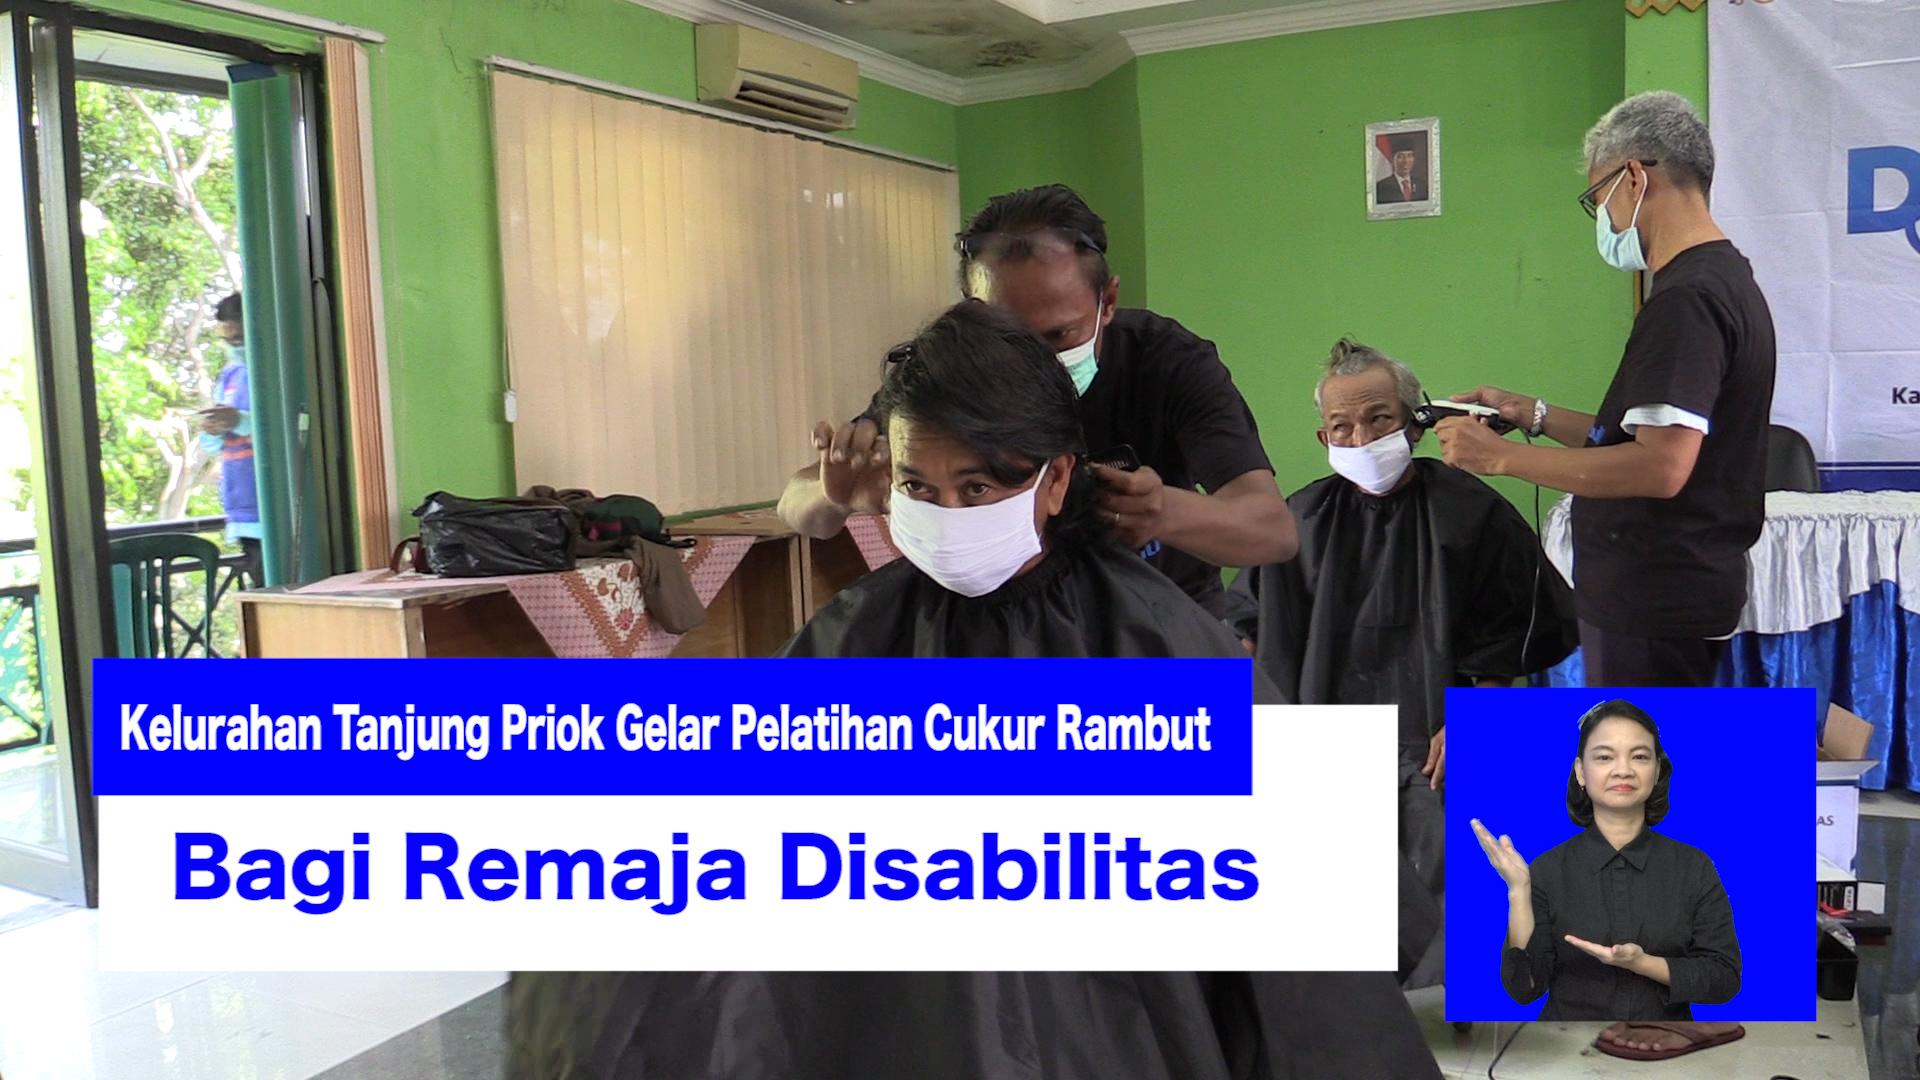 Kelurahan Tanjung Priok Gelar Pelatihan Cukur Rambut Bagi Remaja Disabilitas